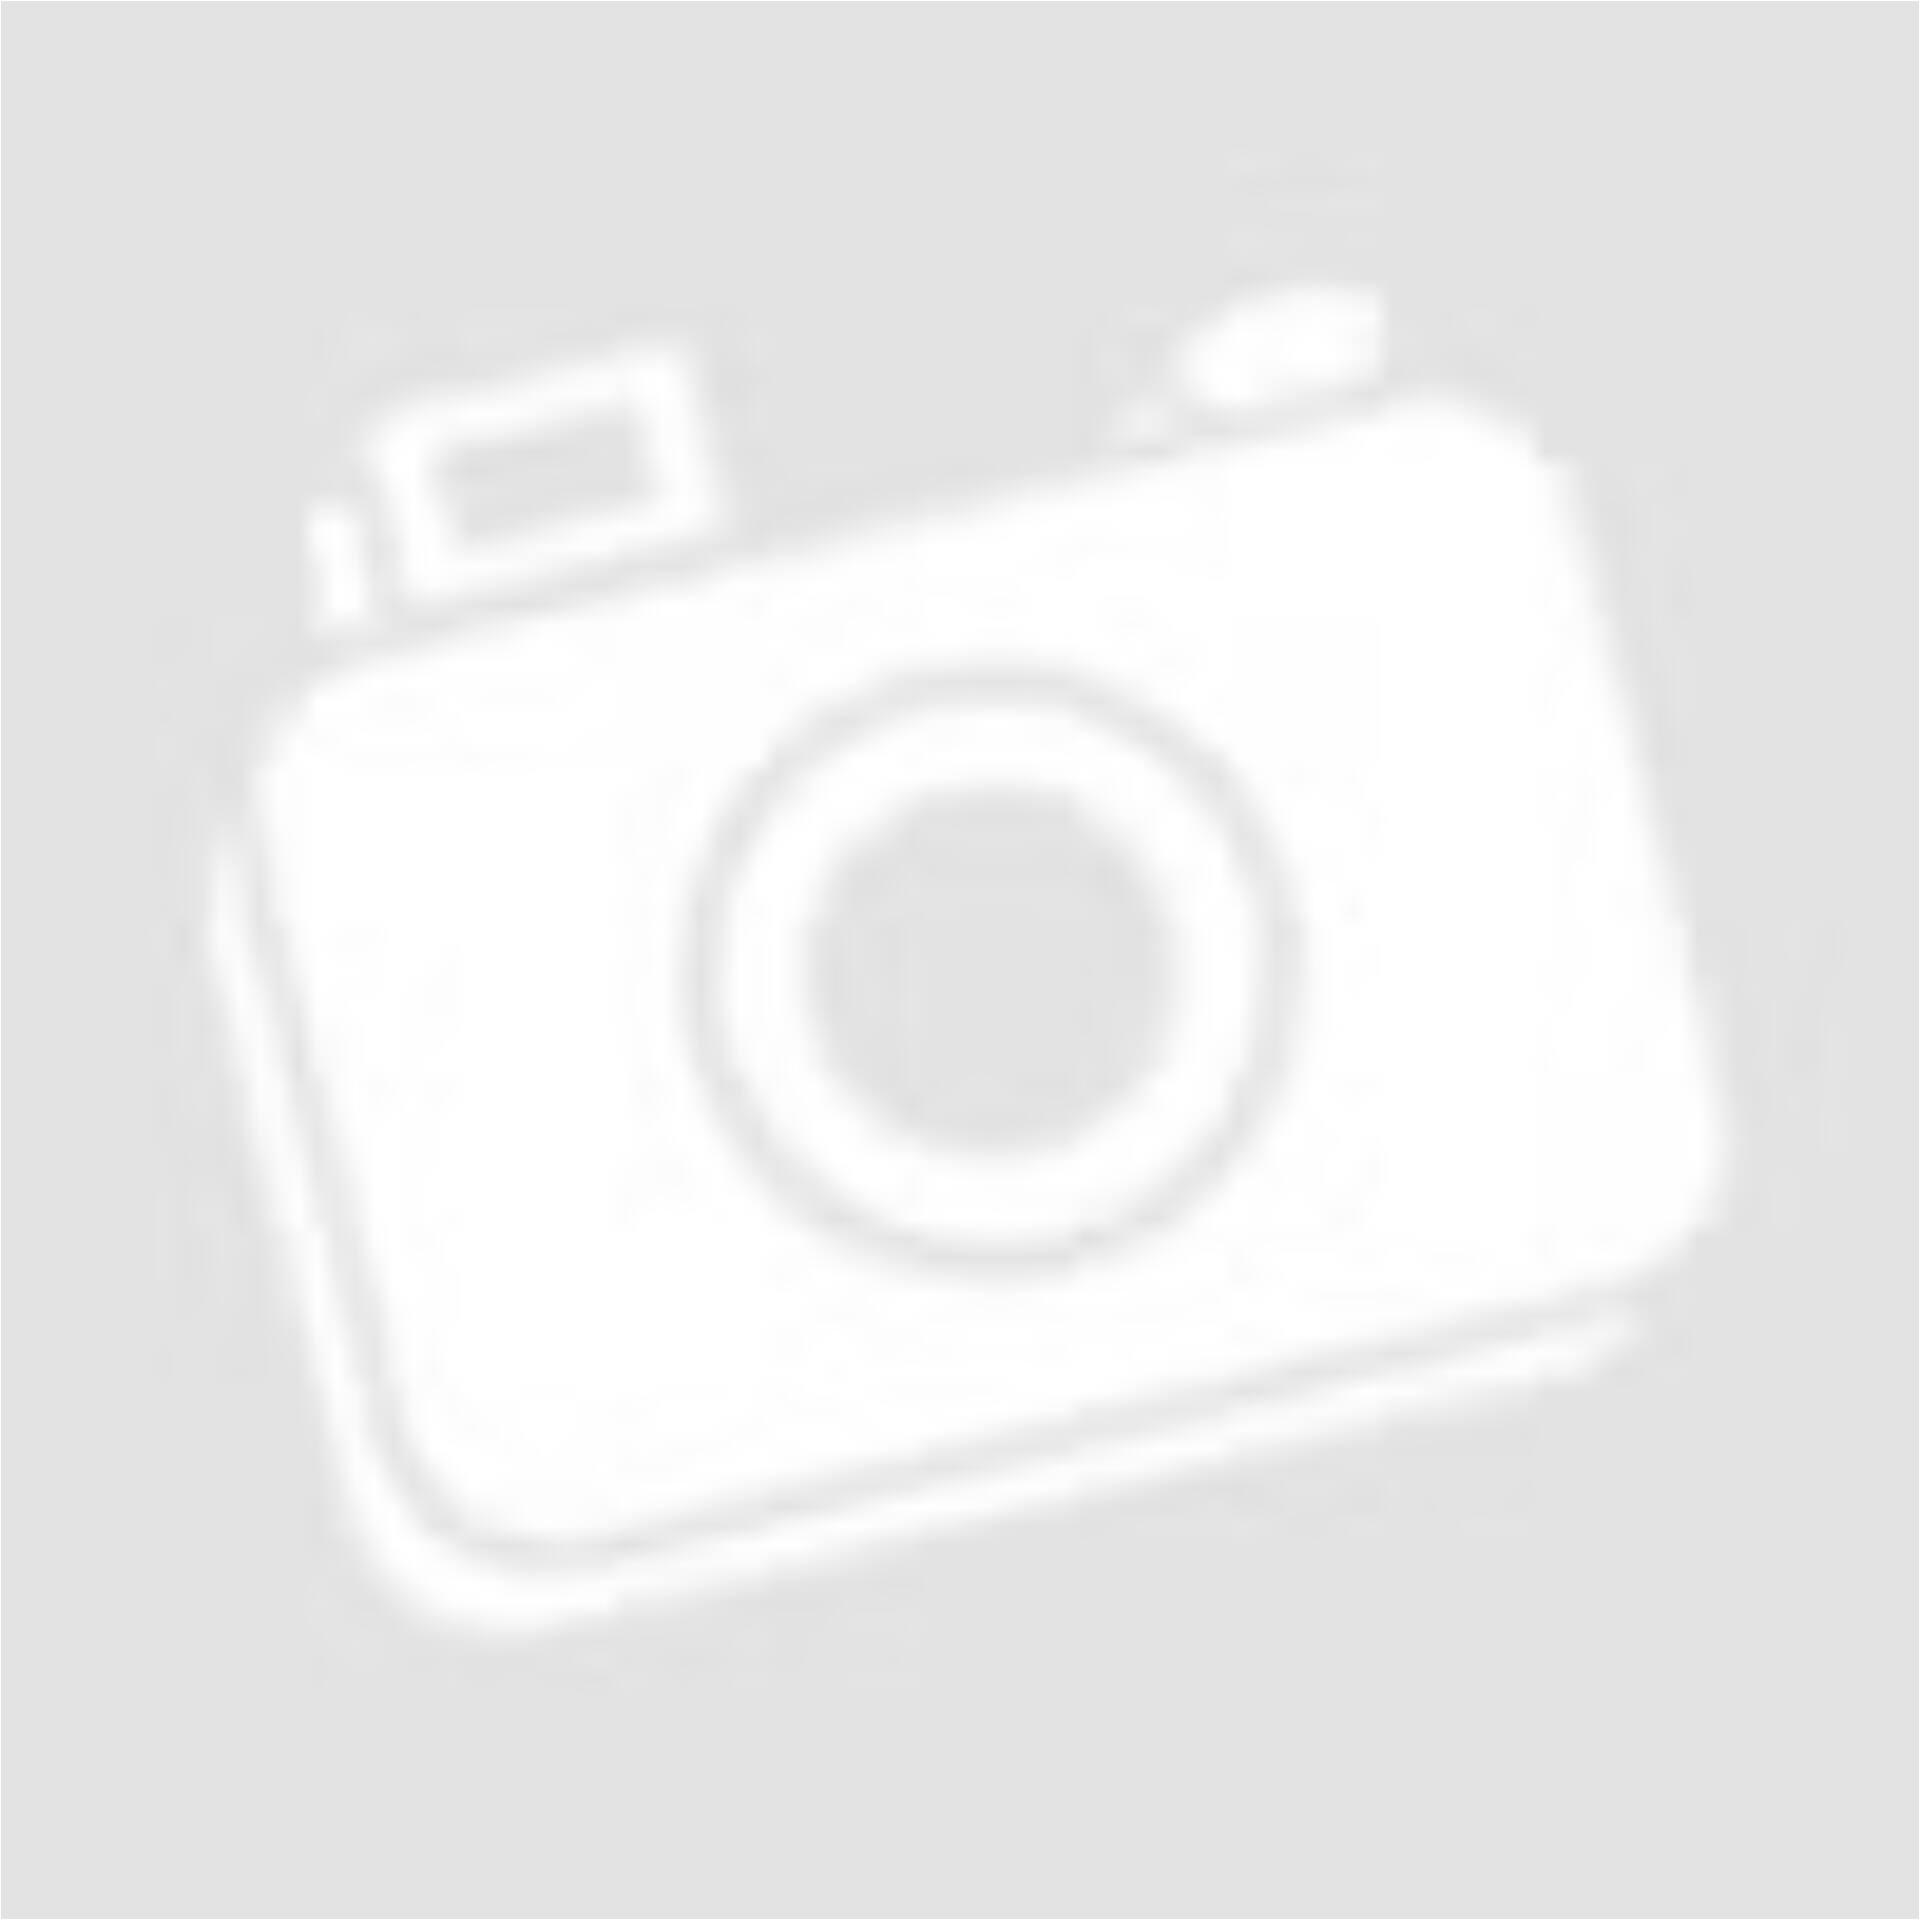 ea7fd82acb Kép 1/3 - SOLEIL bézs színű ruha nyak résznél gyöngyökkel díszített (Méret:  M)